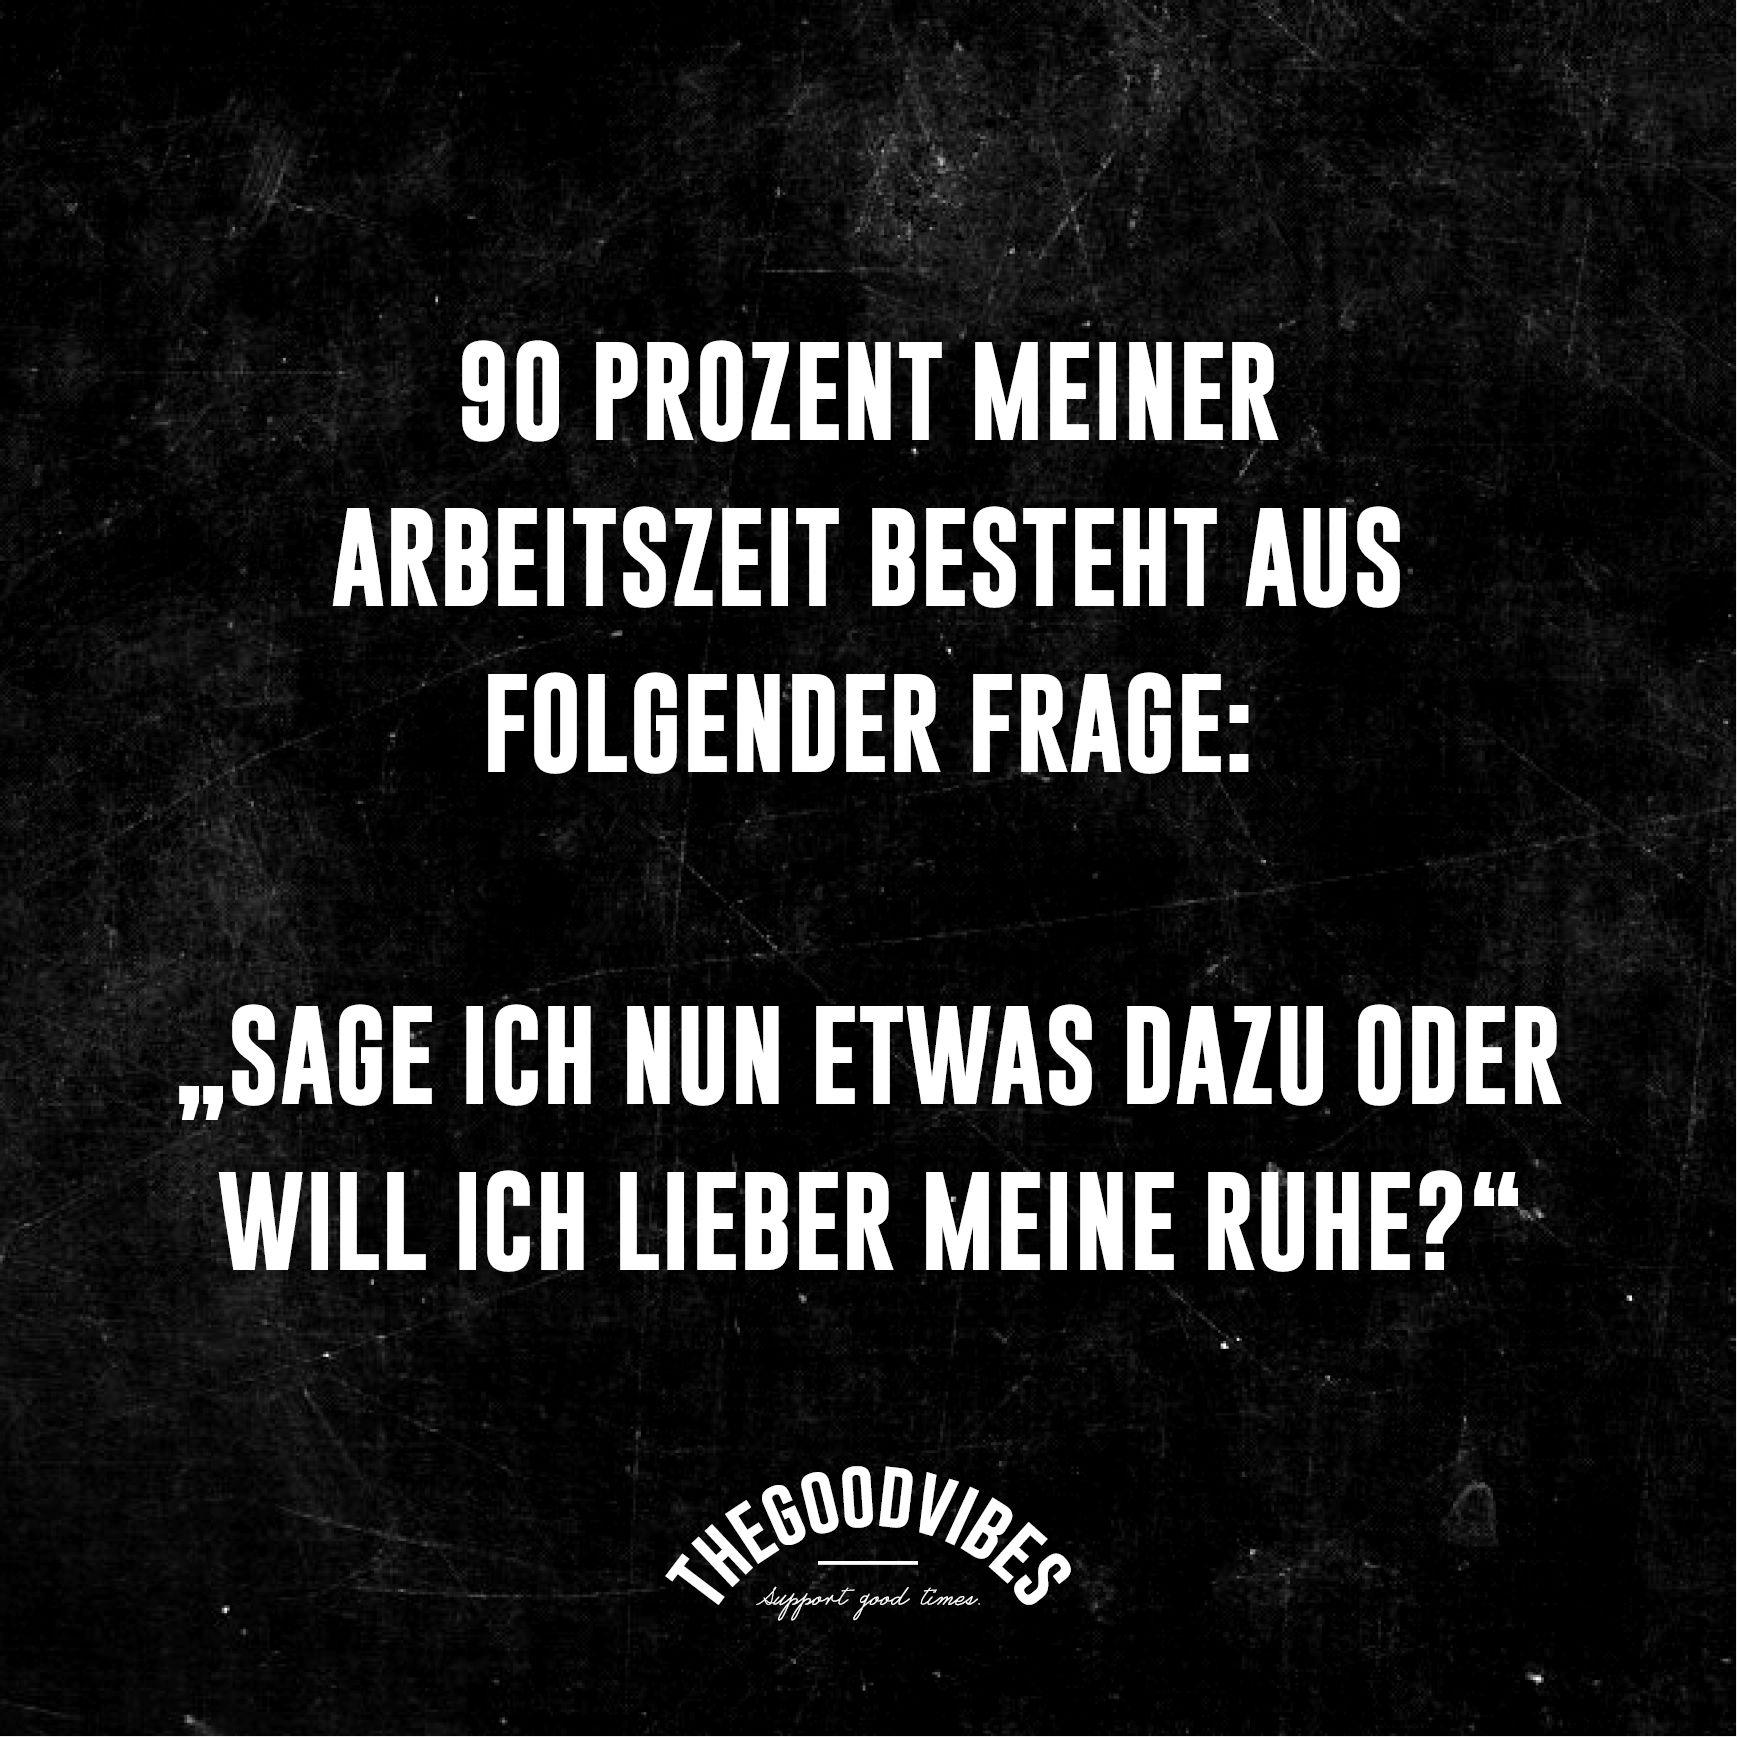 Zitate Spruche Quotes Humor Reisen Motivation Diy Leben Office Statement Say Spruche Zitate Sarkastische Spruche Lustige Zitate Und Spruche